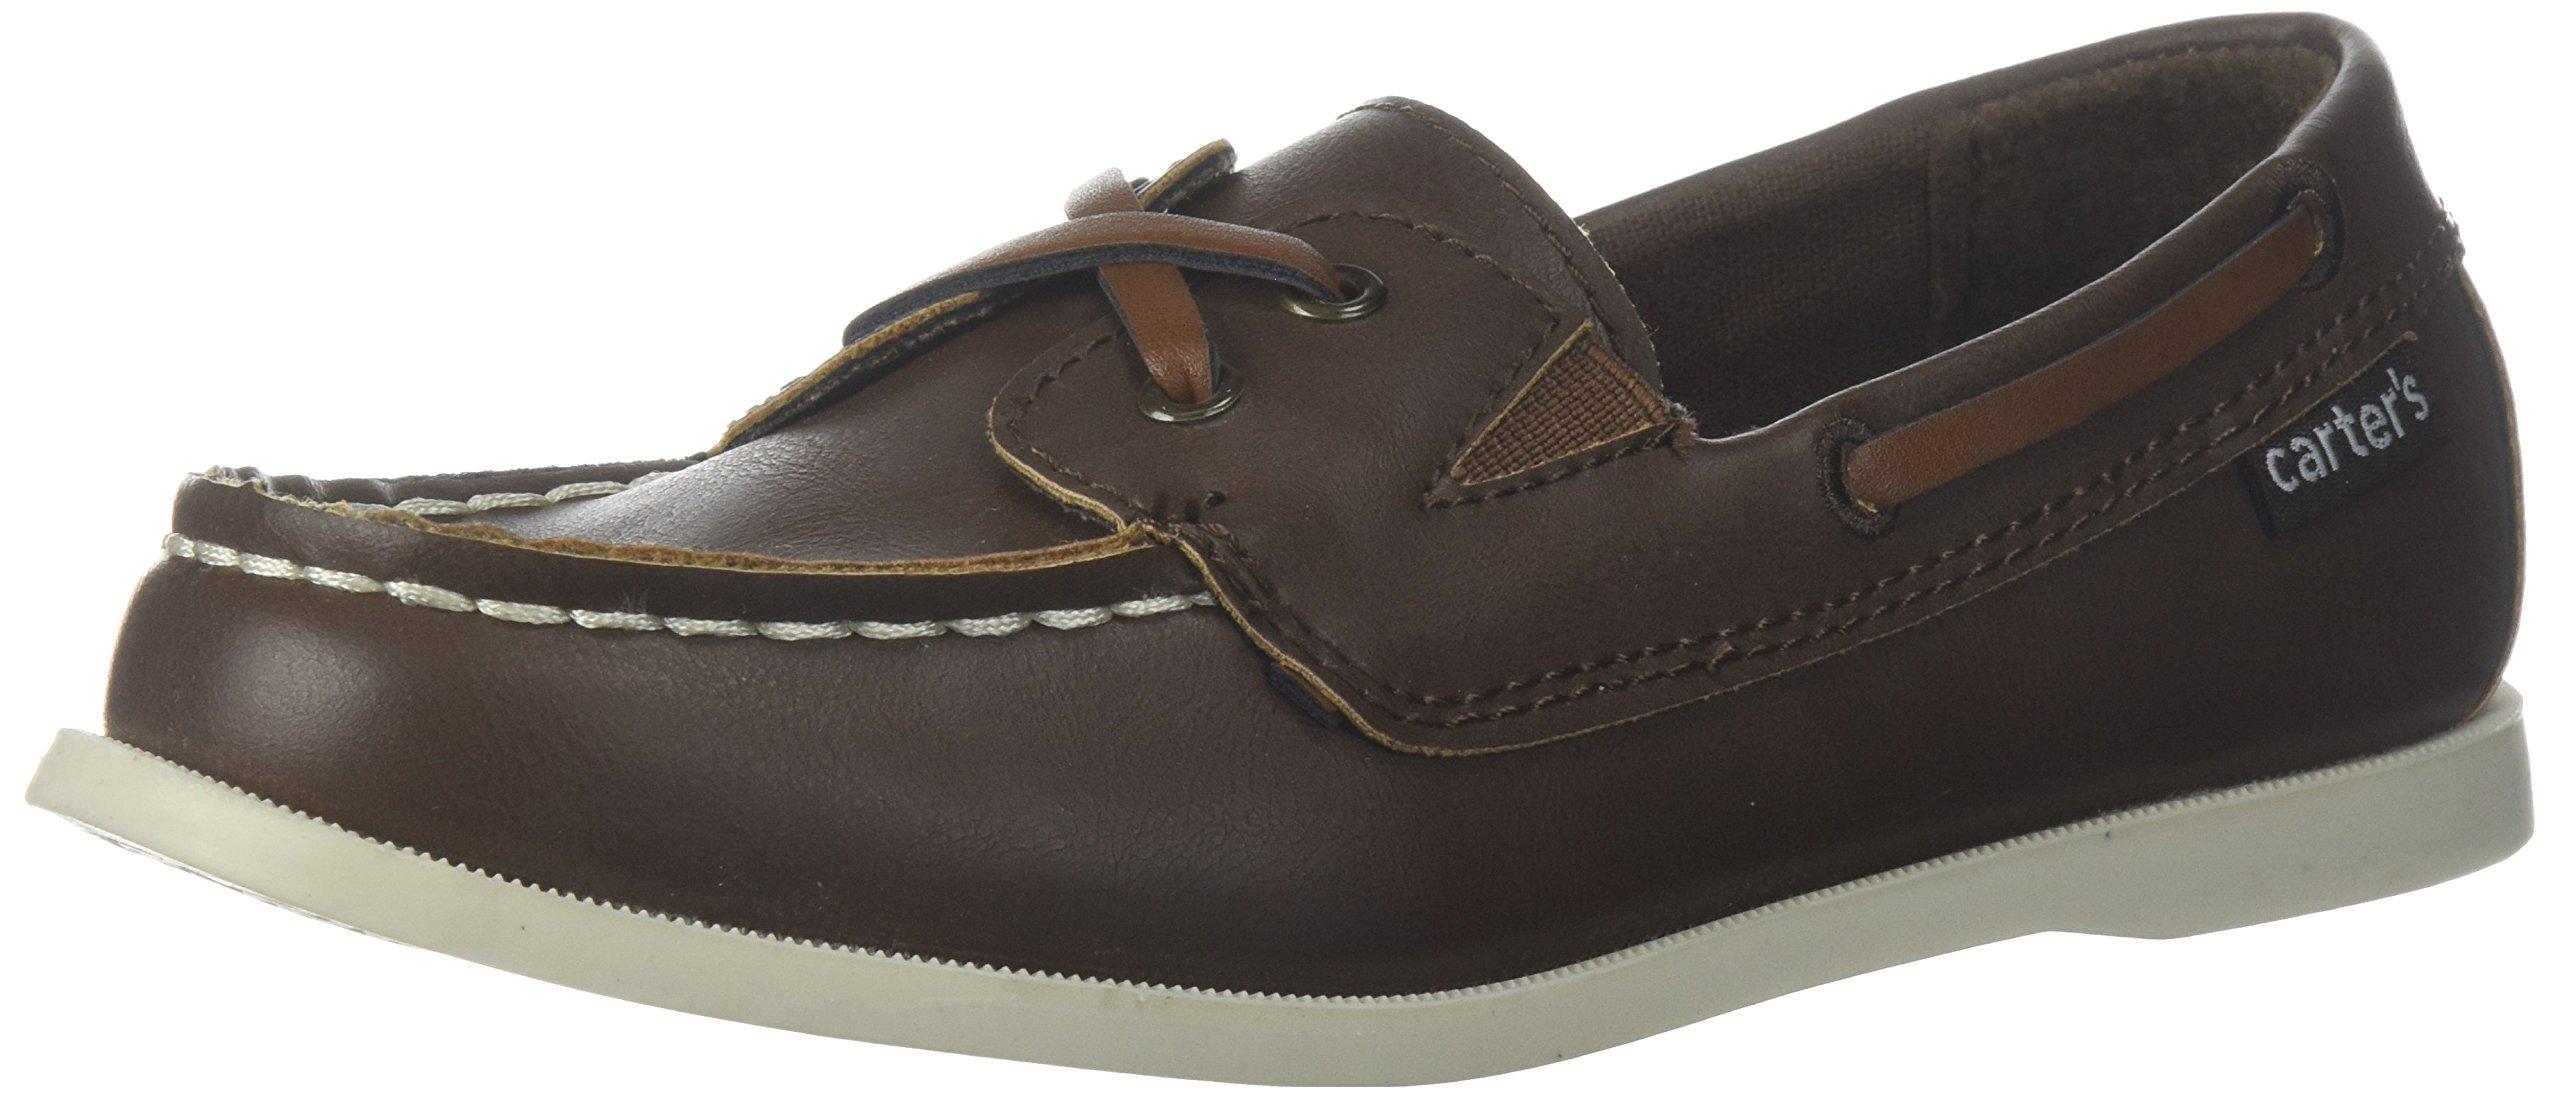 Carter's Boys' Bauk Boat Shoe, Brown, 10 M US Toddler